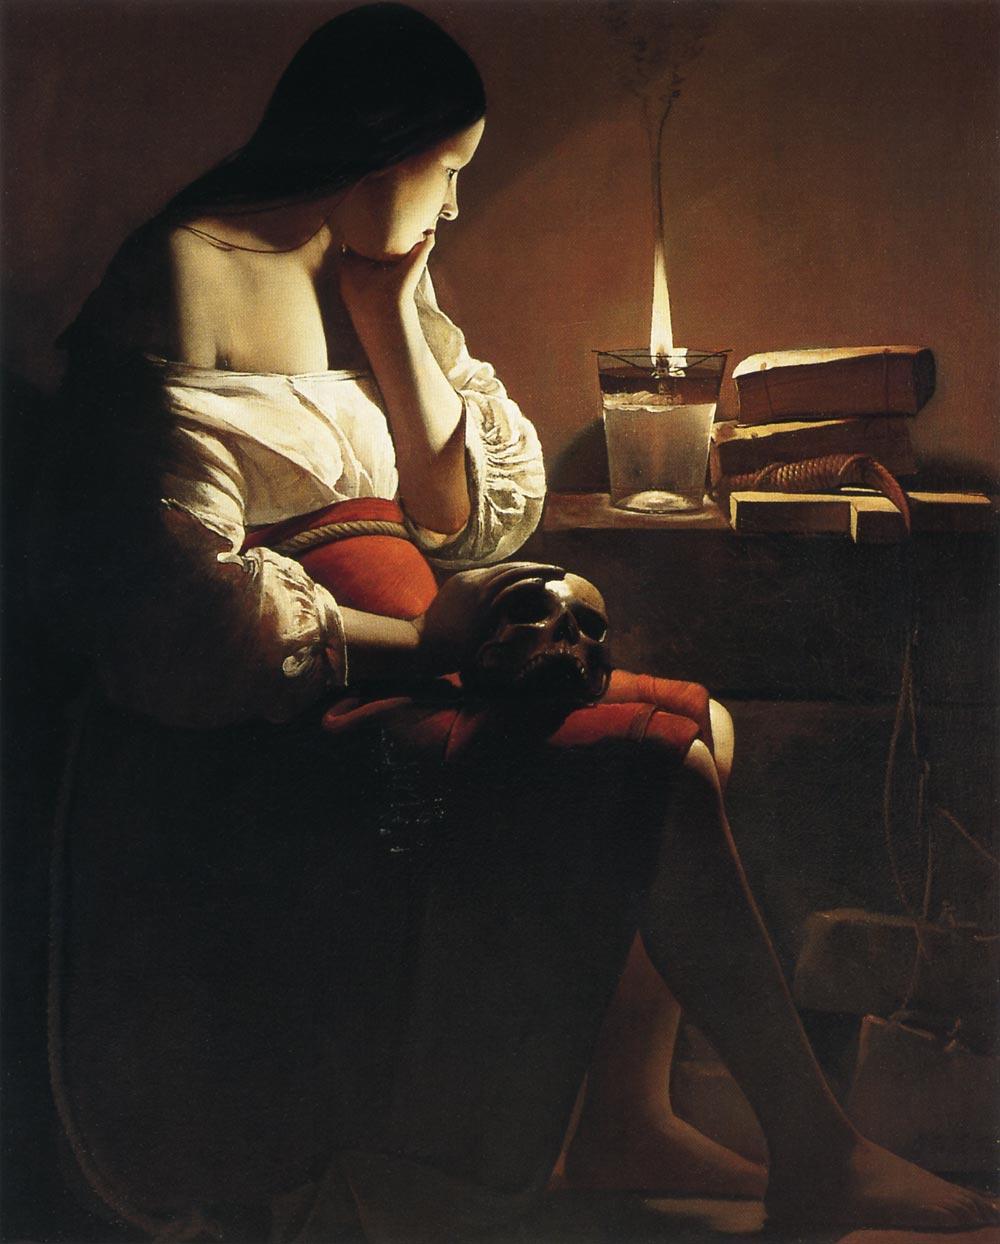 ジョルジュ・ド・ラ・トゥールの画像 p1_23